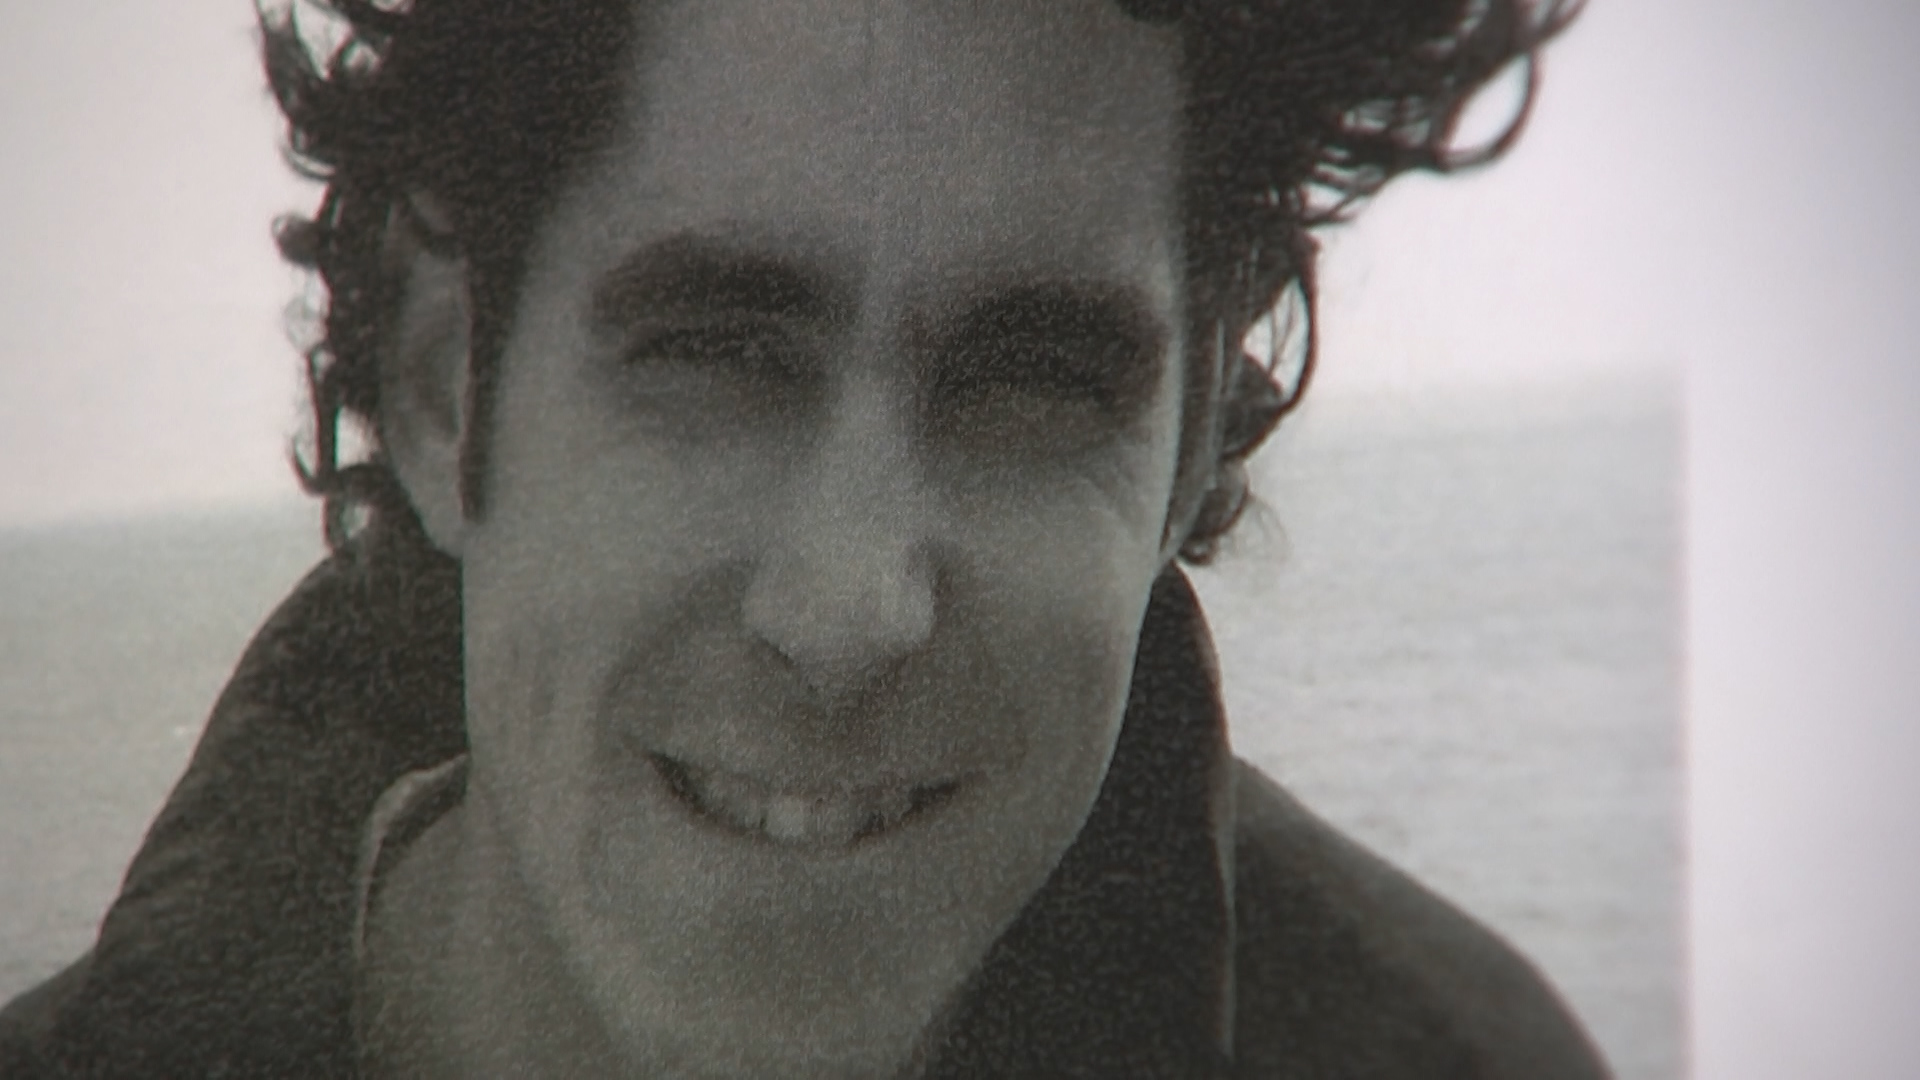 Poemas, canciones y cartas para recordar a Juan Antonio Gómez Alarcón